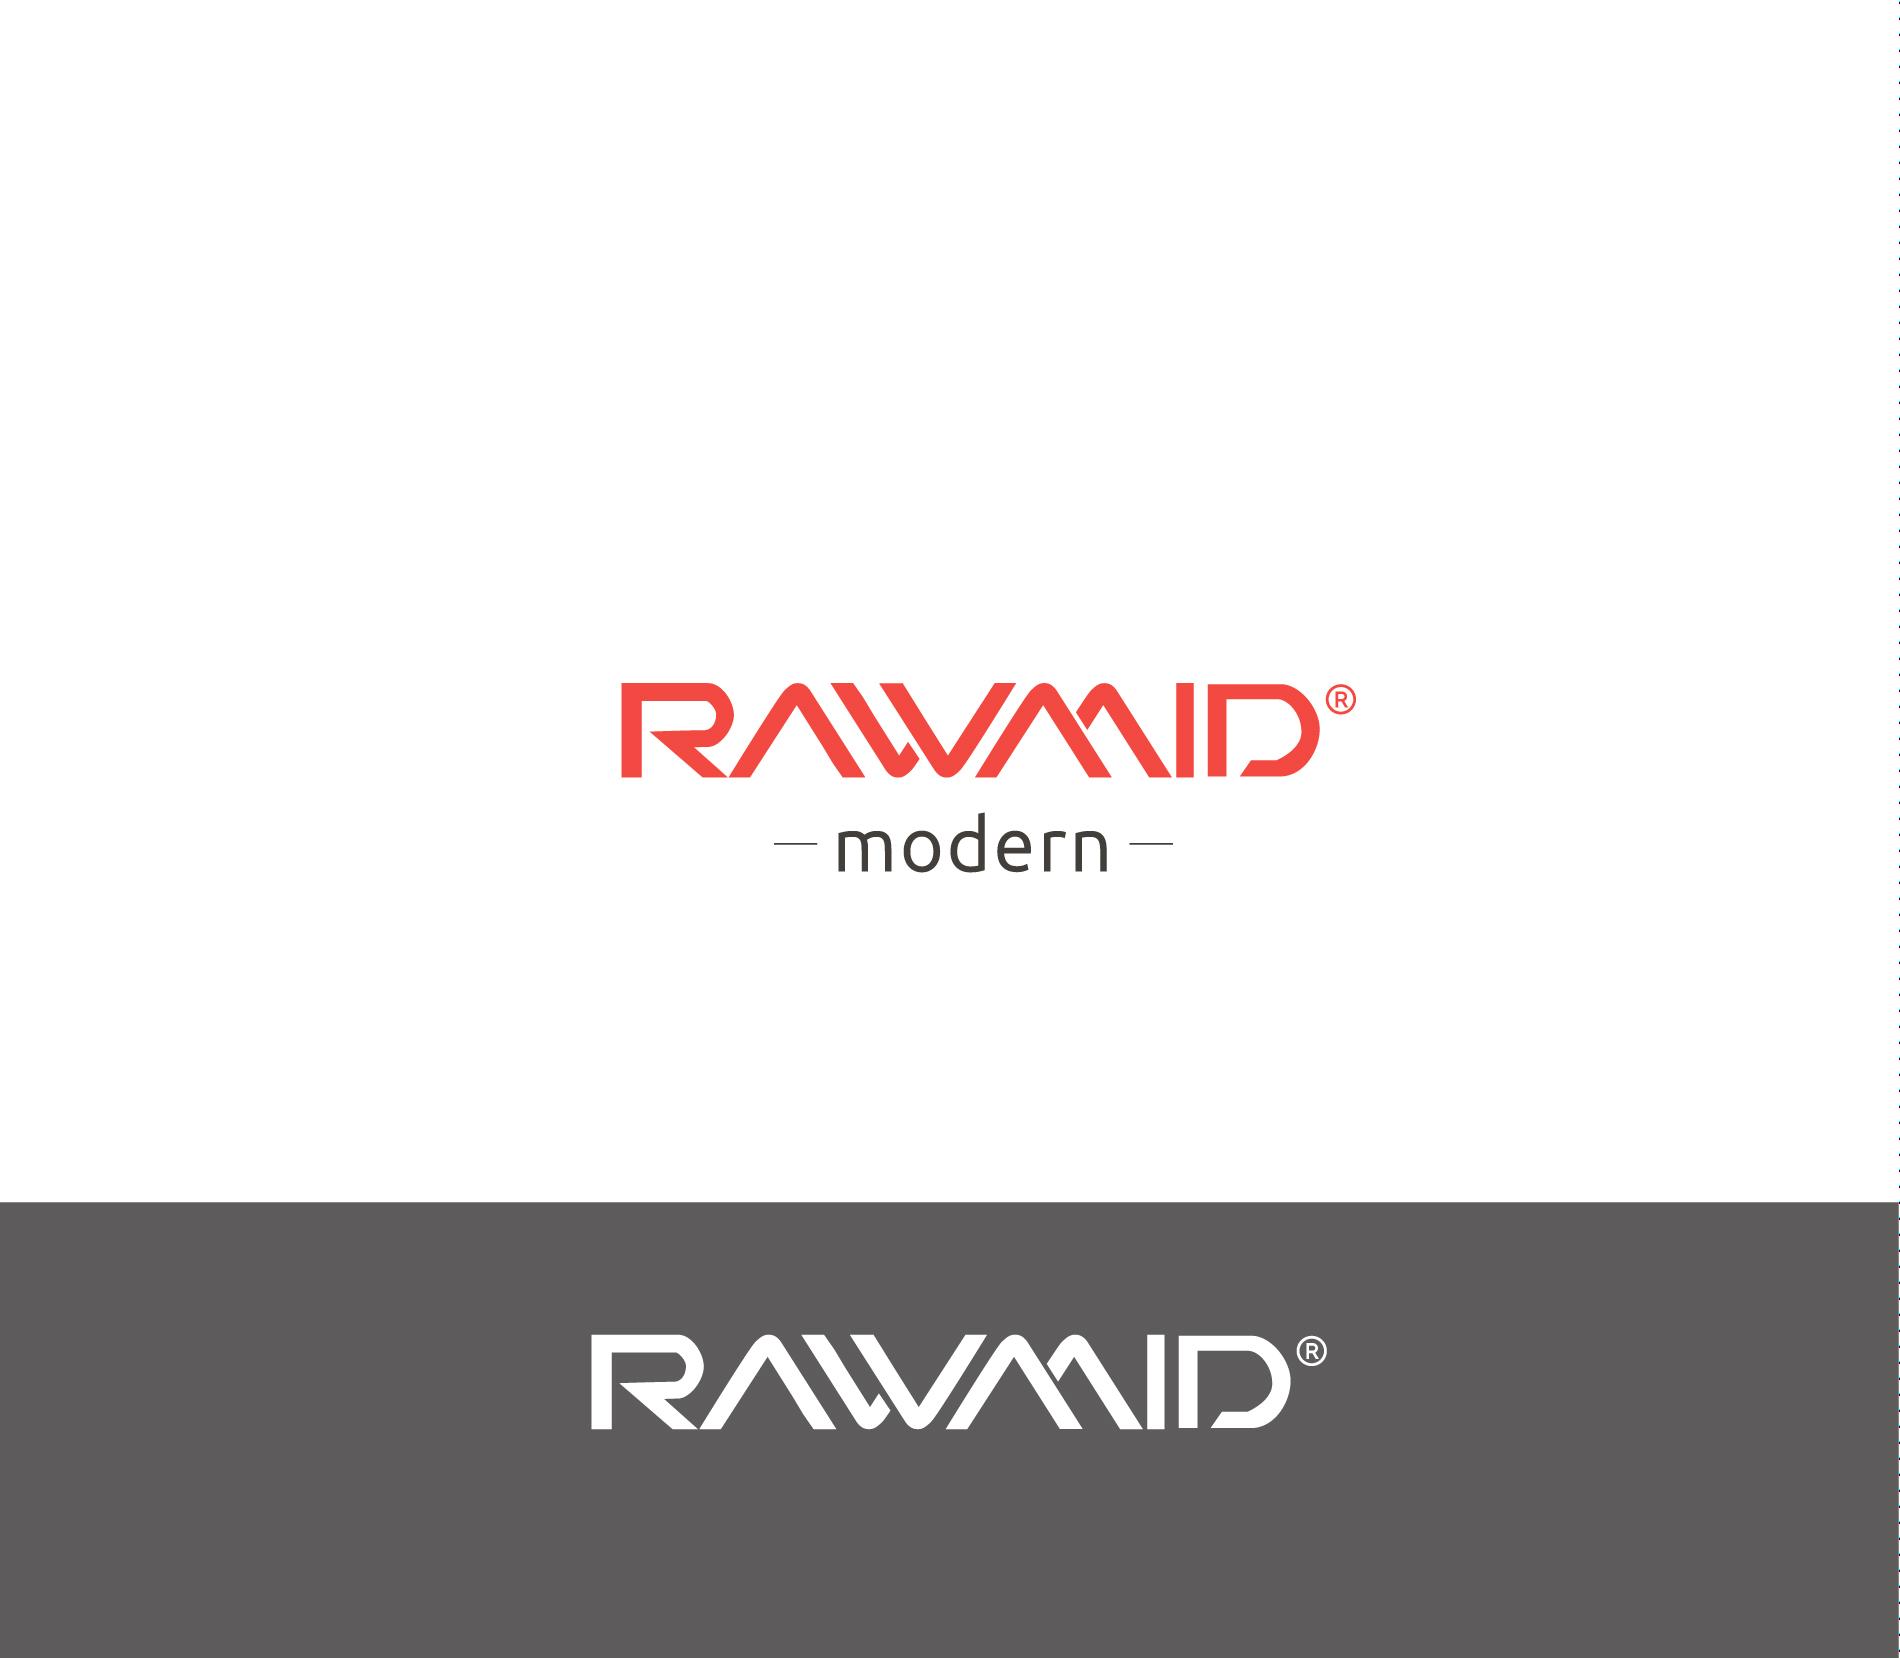 Создать логотип (буквенная часть) для бренда бытовой техники фото f_5765b363378c7db5.jpg